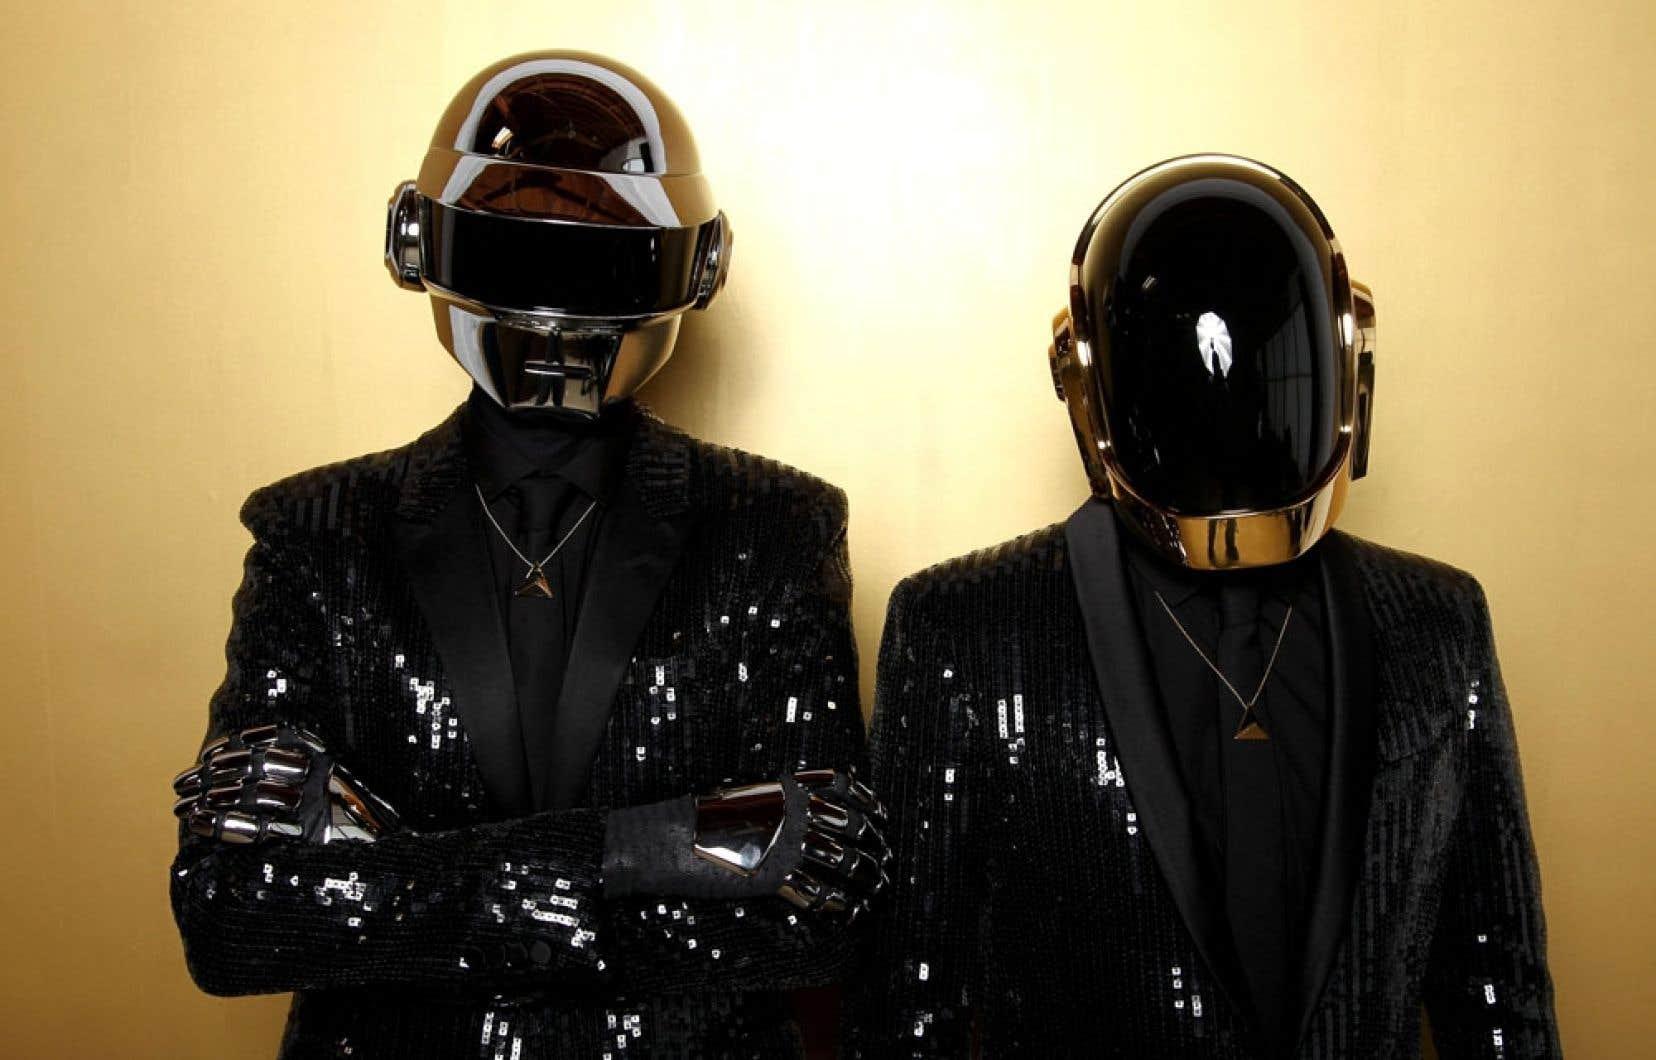 C'est Daft Punk, avec Random Access Memories, qui a vendu le plus de vinyles en 2013.